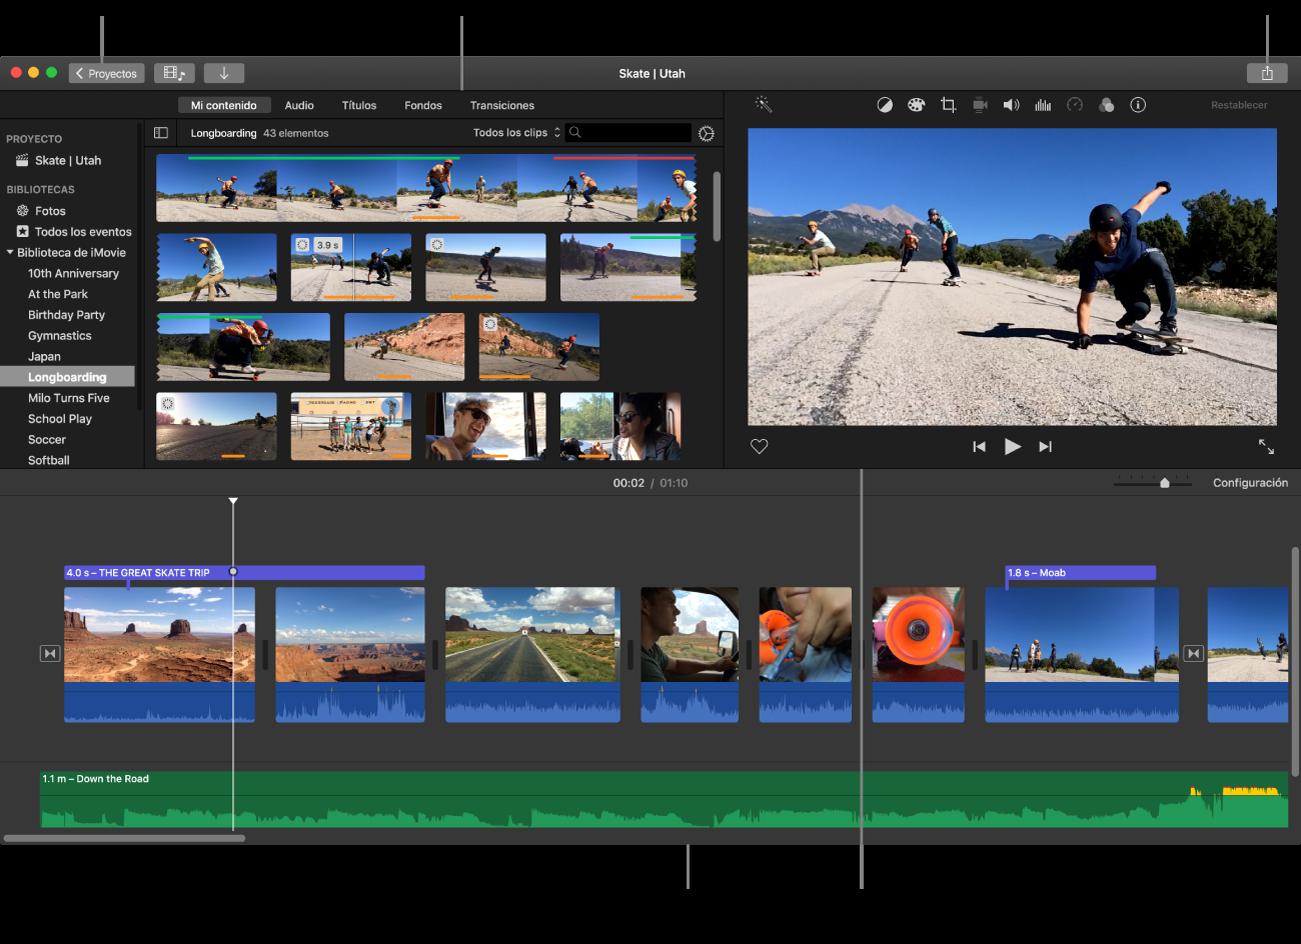 Ventana principal de iMovie con el explorador en el extremo superior izquierdo, el visor en el extremo superior derecho y la línea de tiempo en la parte inferior.